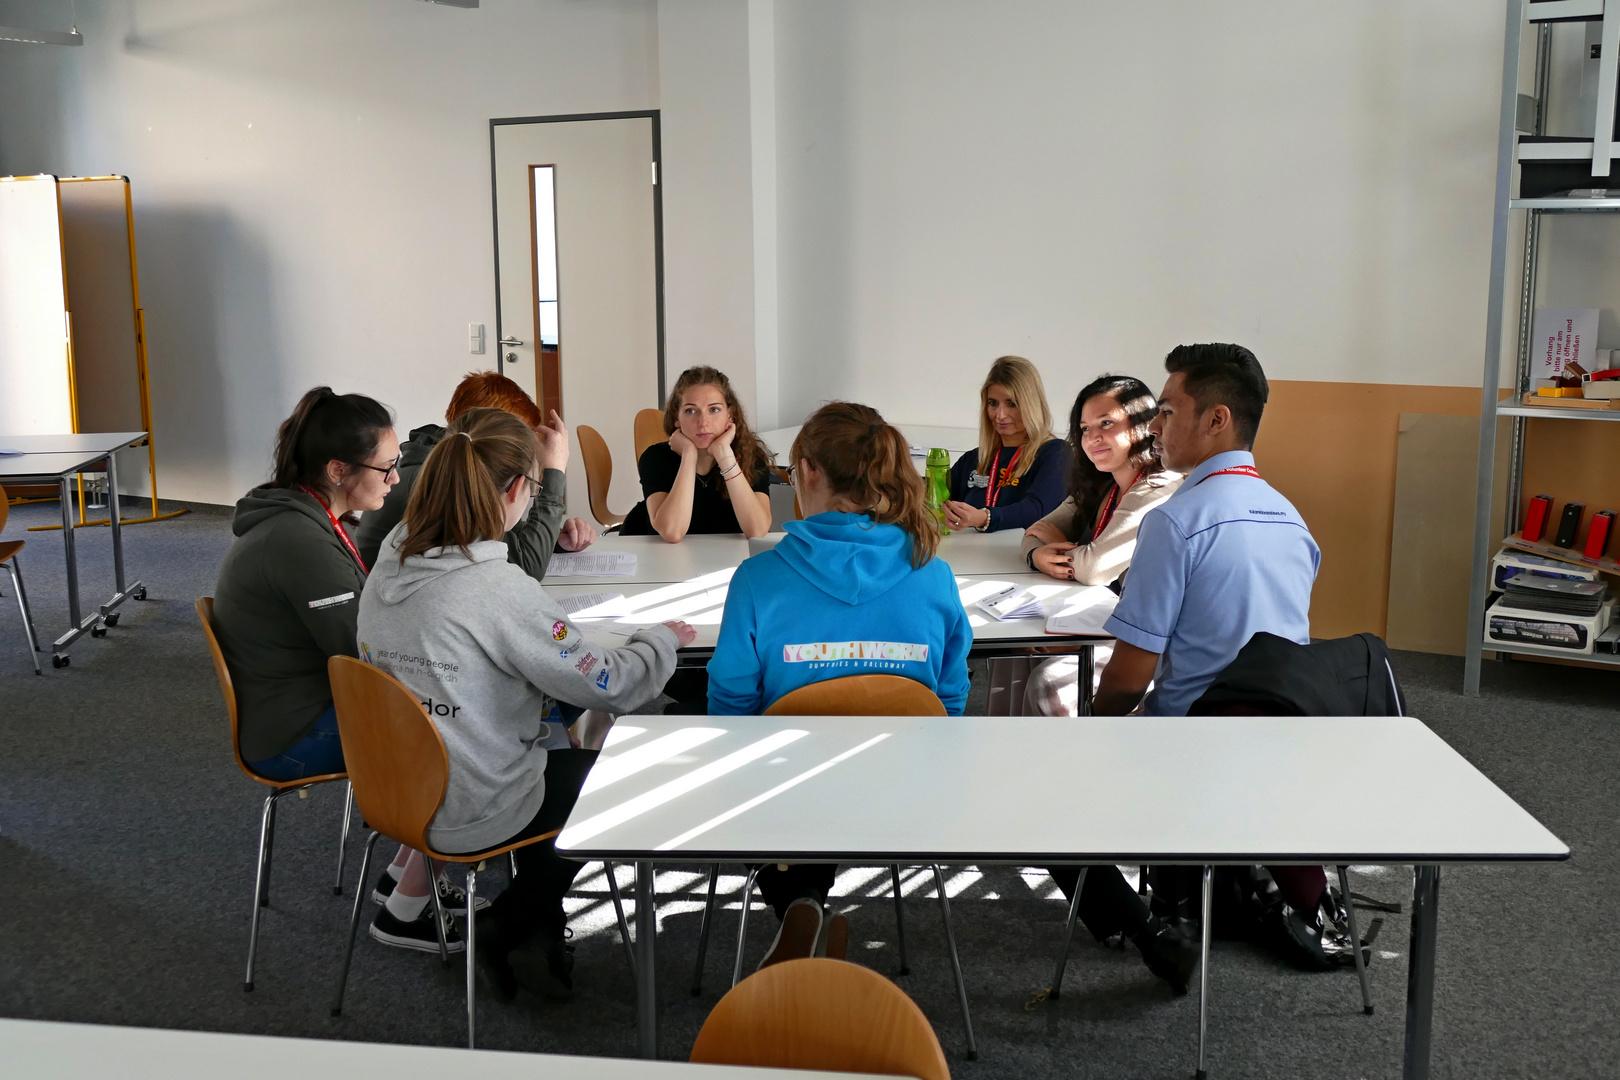 Welt-Jugendfreiwilligenforum 2018 Augsburg / Deutschland - 16.10.2018 Fachhochschule Seminar - Foto: Christoph Urban - Freiwilligen-Zentrum Augsburg